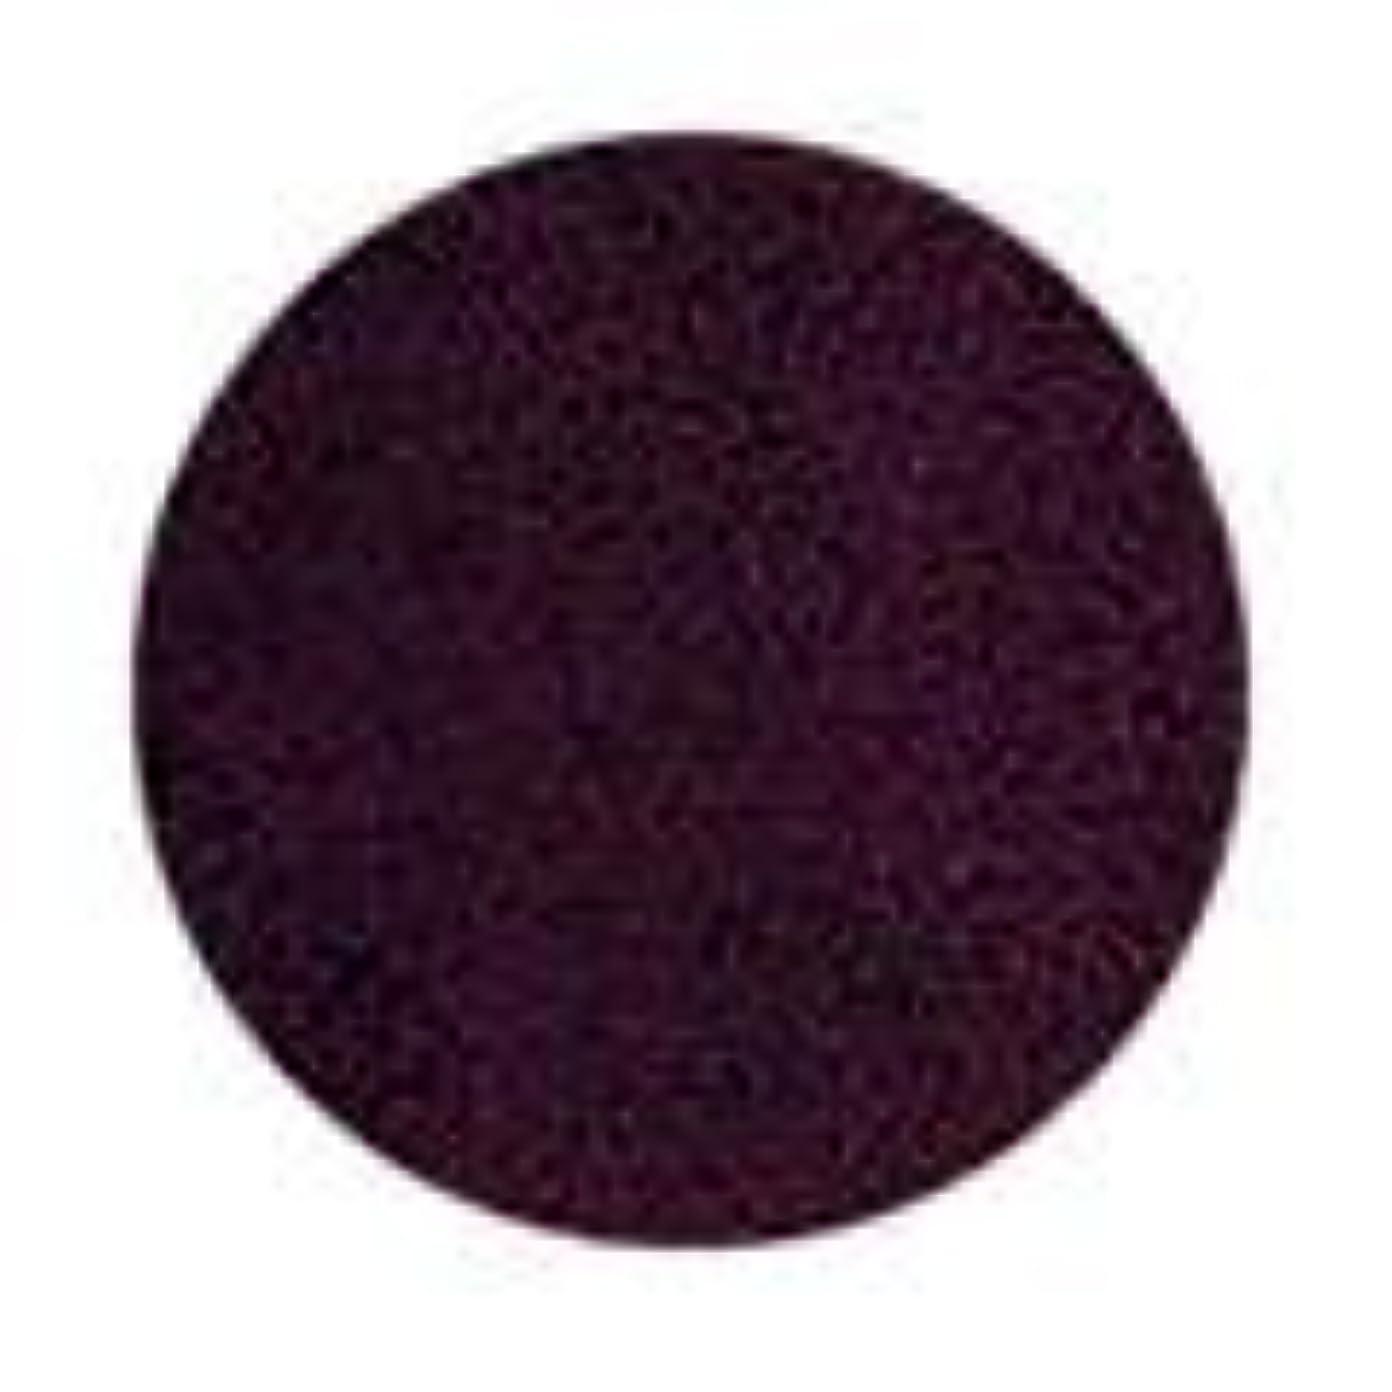 パネル症状インチJessica ジェレレーション カラー 15ml  708 ノトリアス